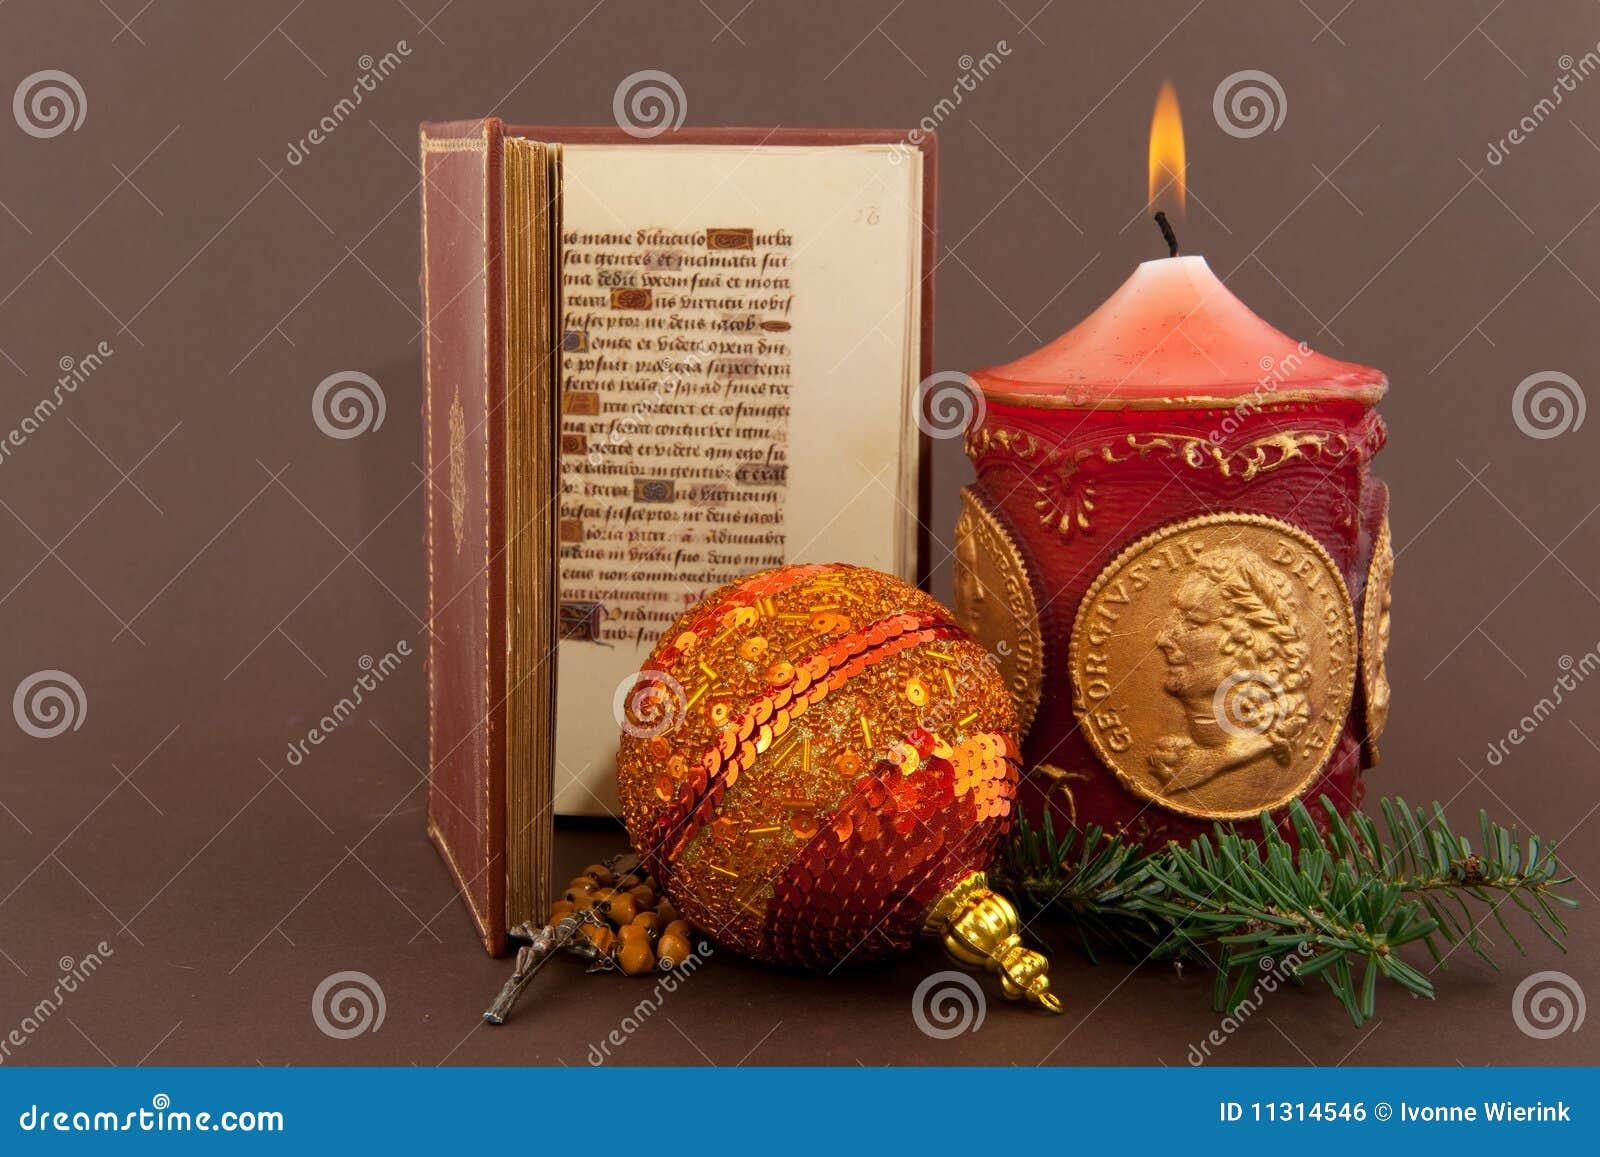 Weihnachten mit Bibel